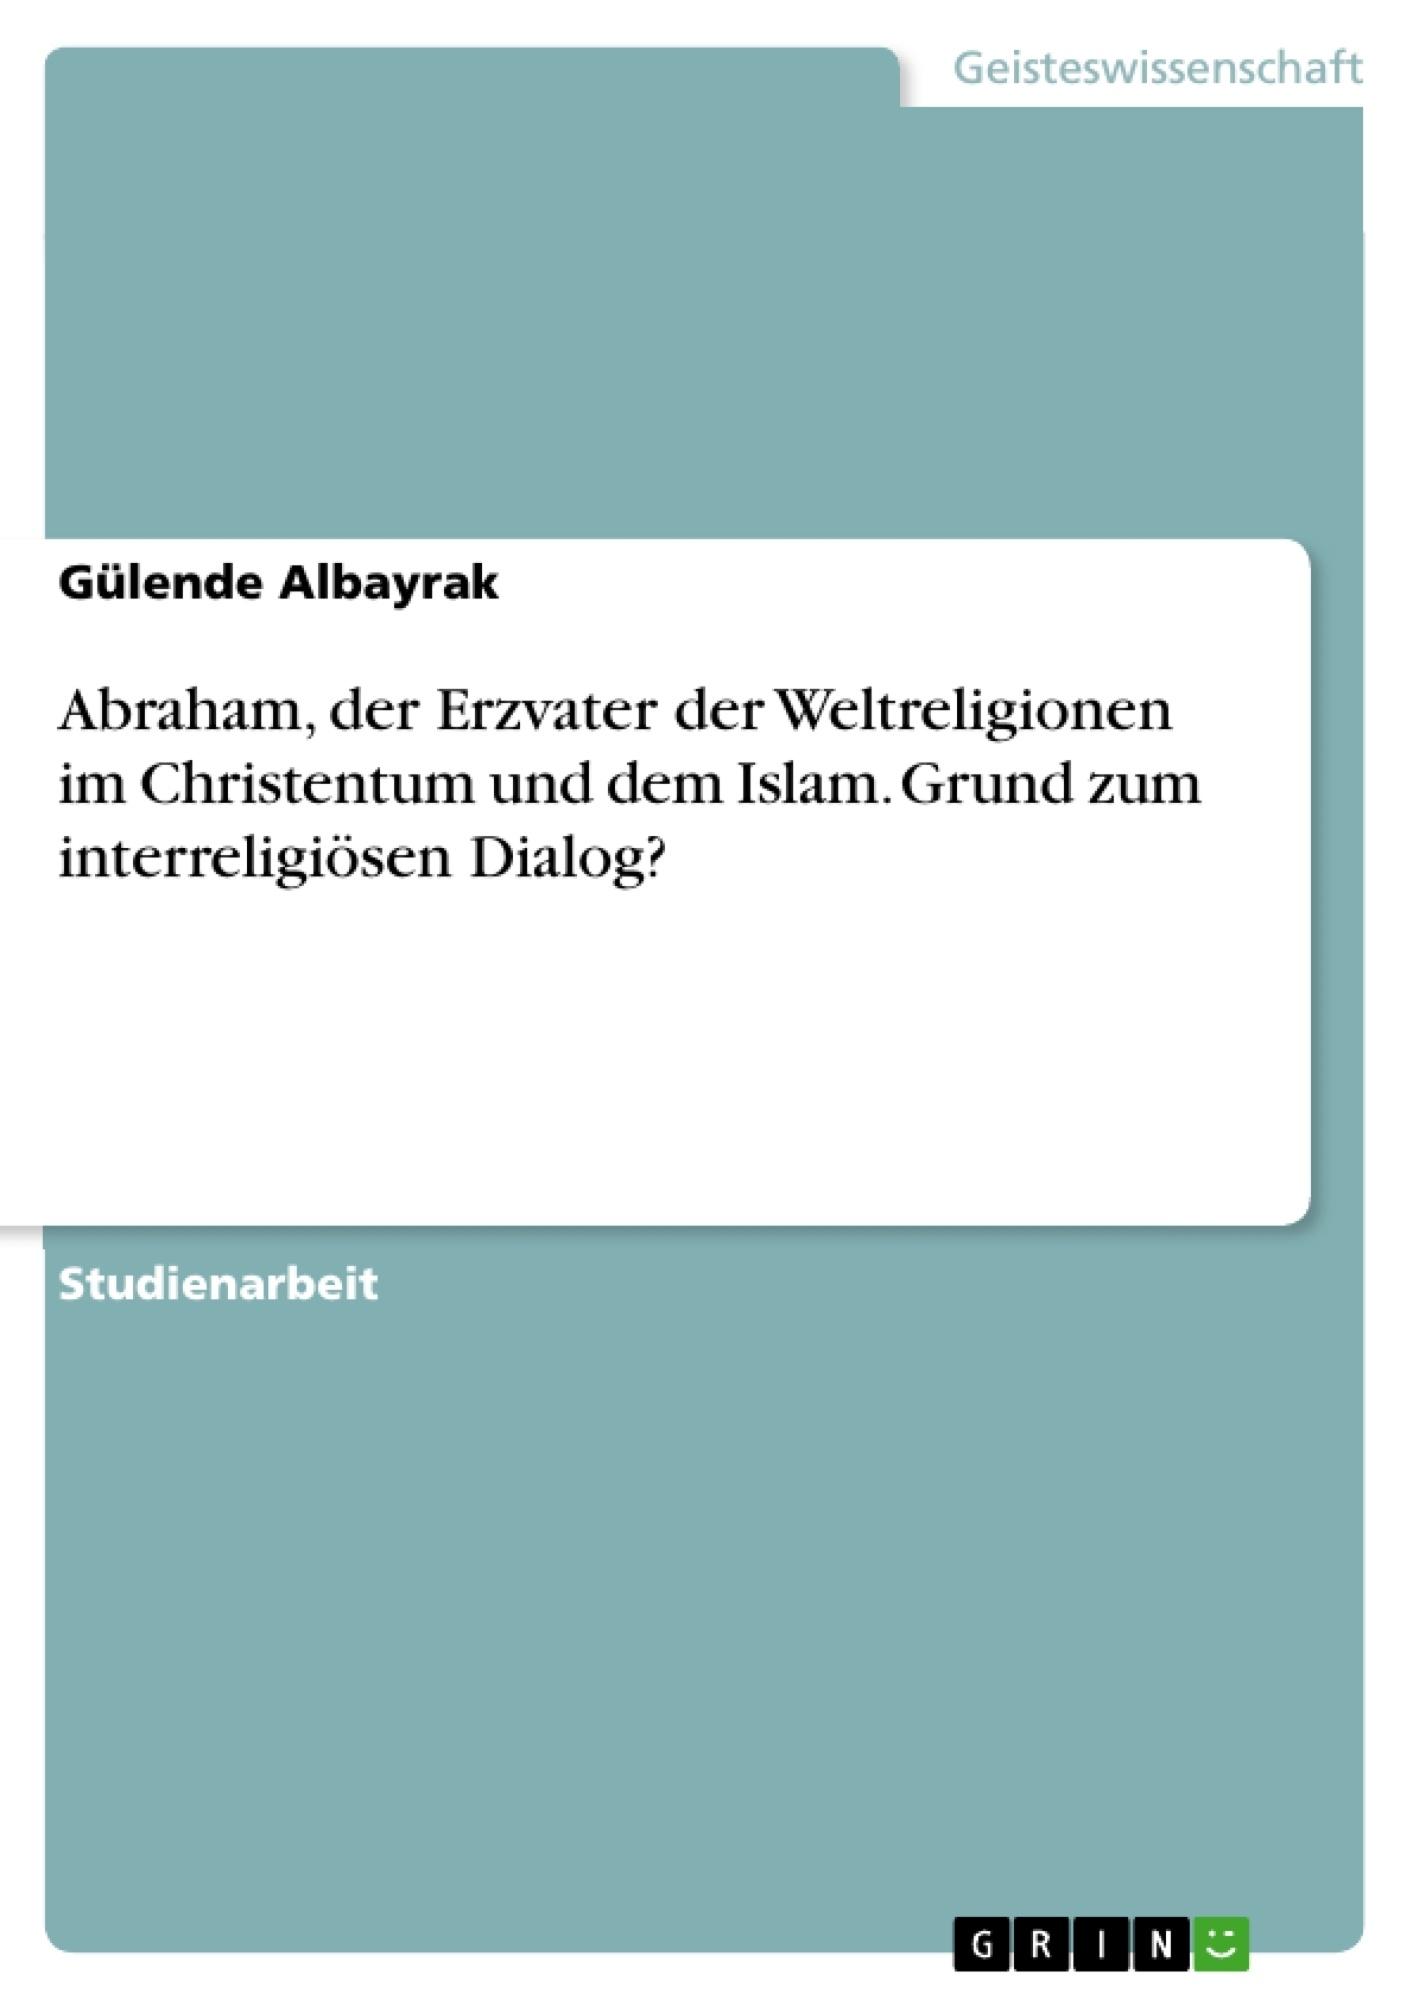 Titel: Abraham, der Erzvater der Weltreligionen im Christentum und dem Islam. Grund zum interreligiösen Dialog?